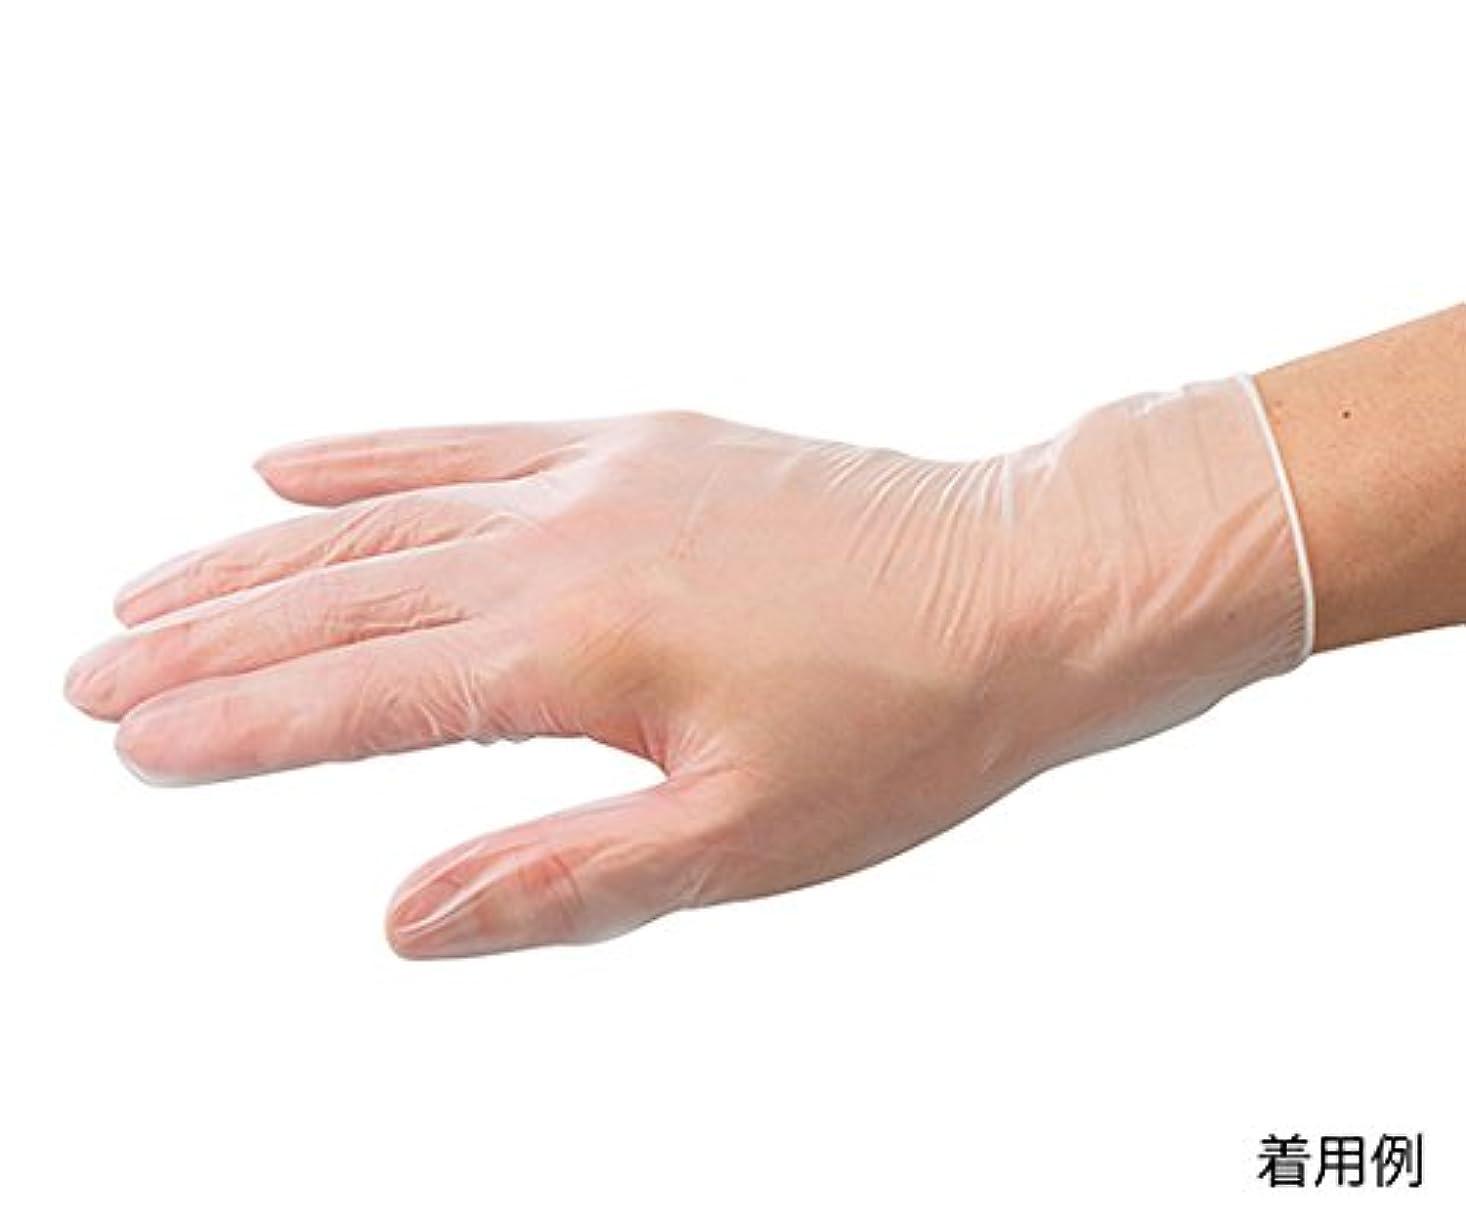 凍結事前一時停止ARメディコム?インク?アジアリミテッド7-3726-02バイタルプラスチック手袋(パウダーフリー)M150枚入